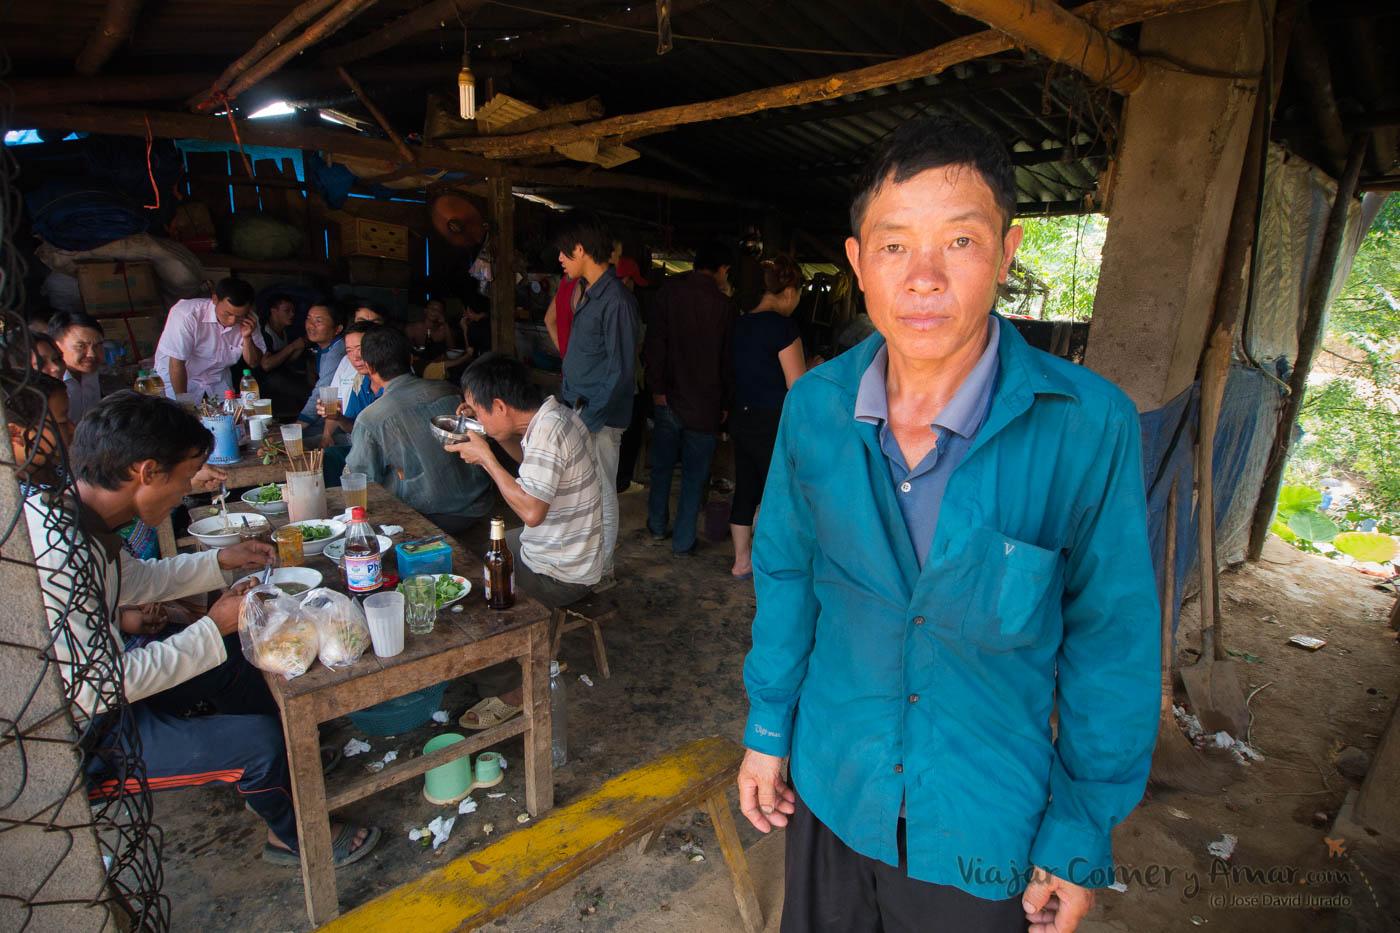 Mercado-Coc-Ly-Bac-Ha-Vietnam-VN-P1480233-Viajar-Comer-Y-Amar